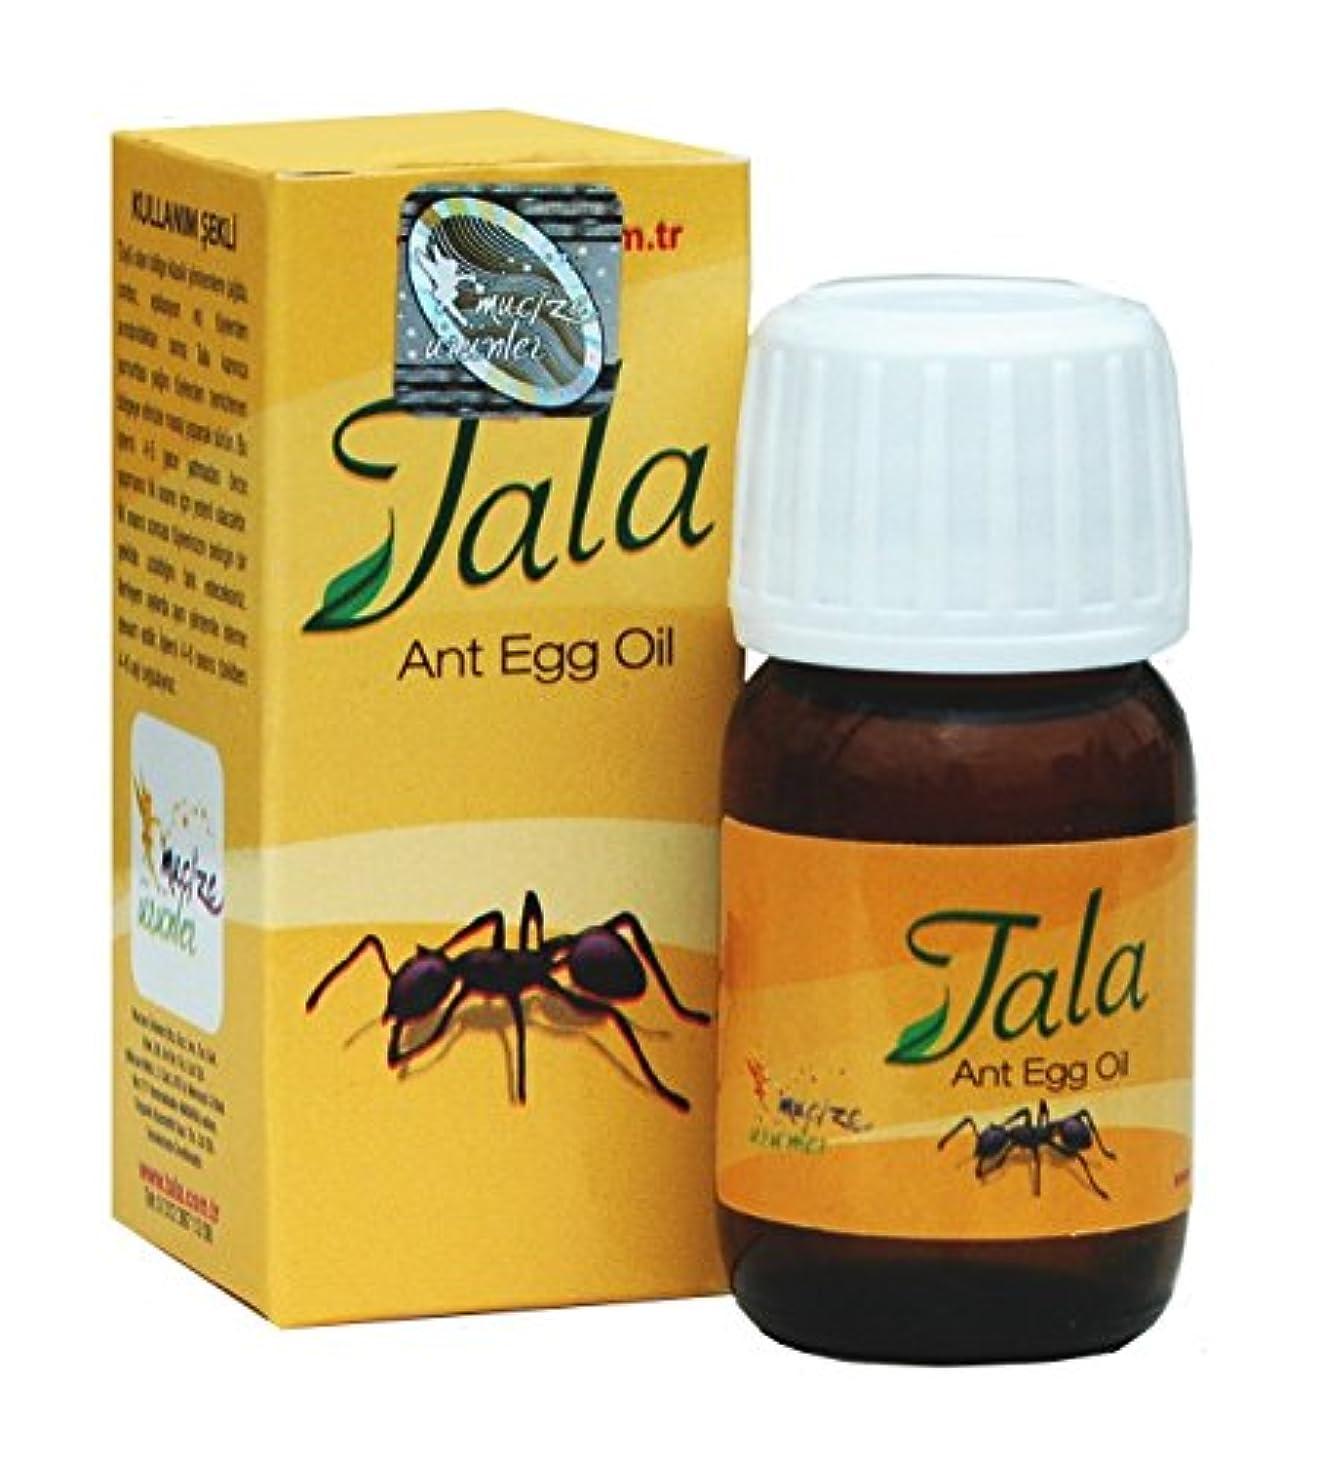 実際のアルカイックリサイクルするTala Ant Egg Oil (アリ脱毛オイル) 20 ml [並行輸入品]